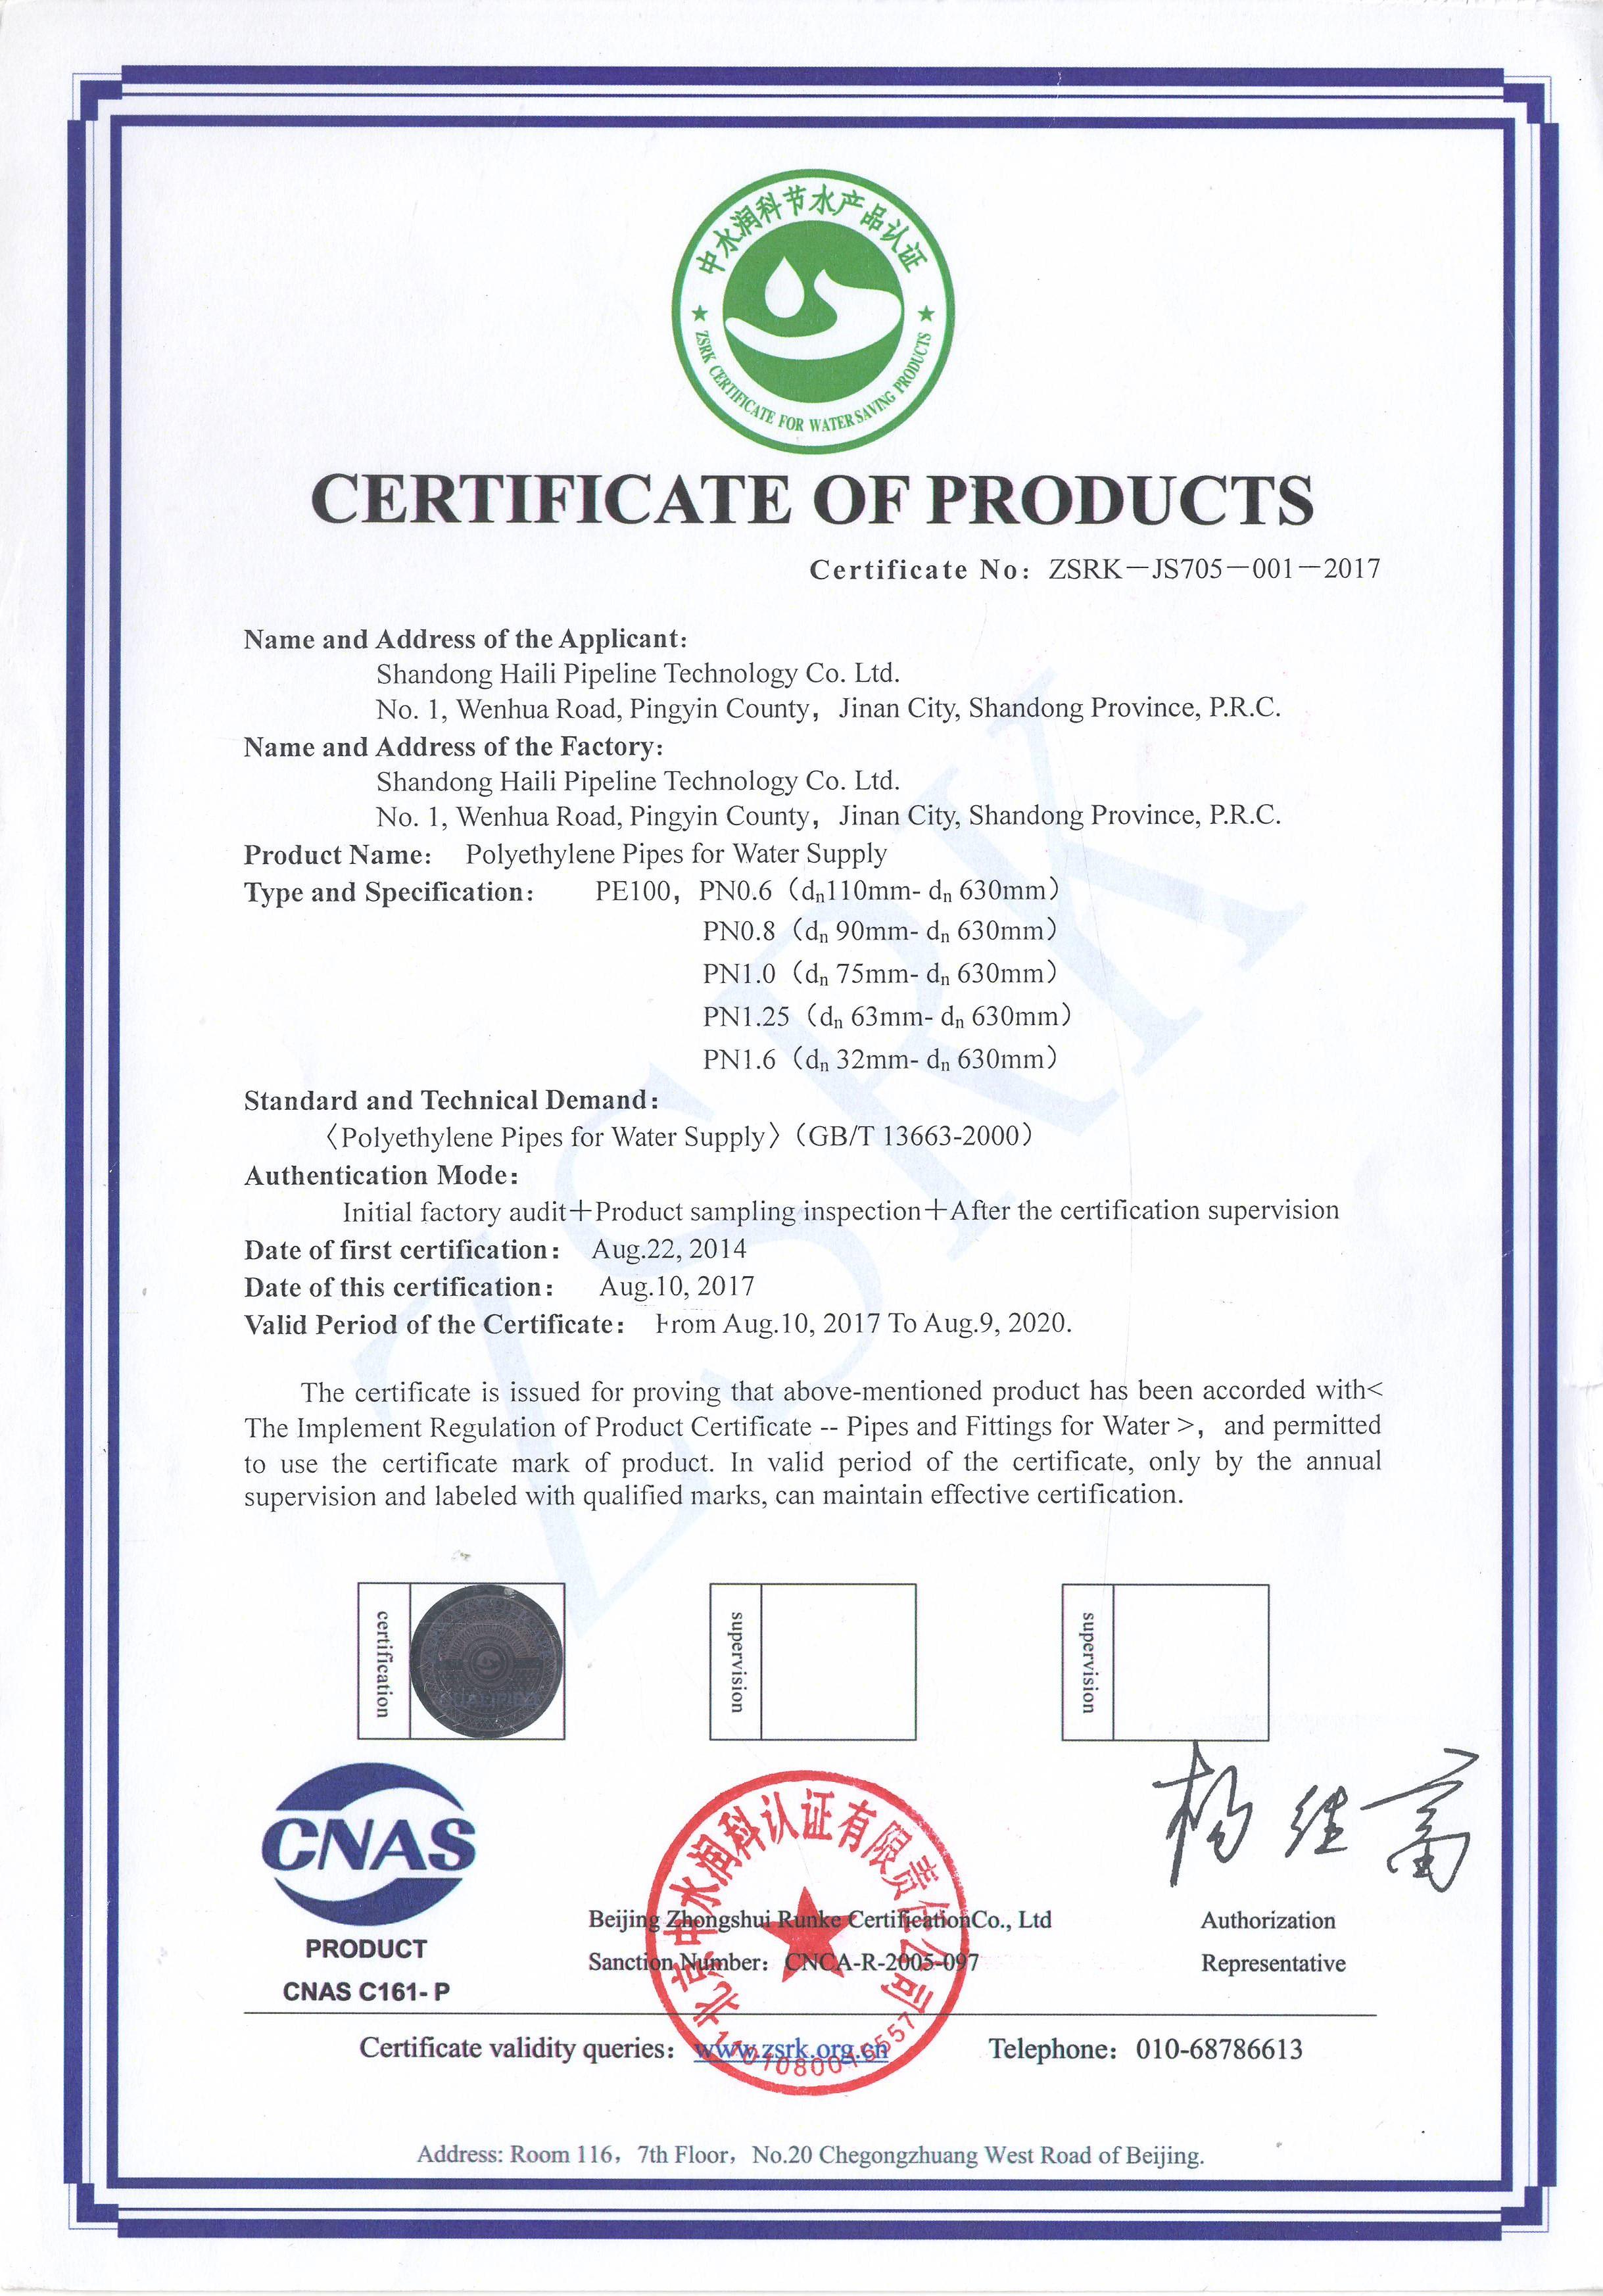 国家节水认证证书-英文版